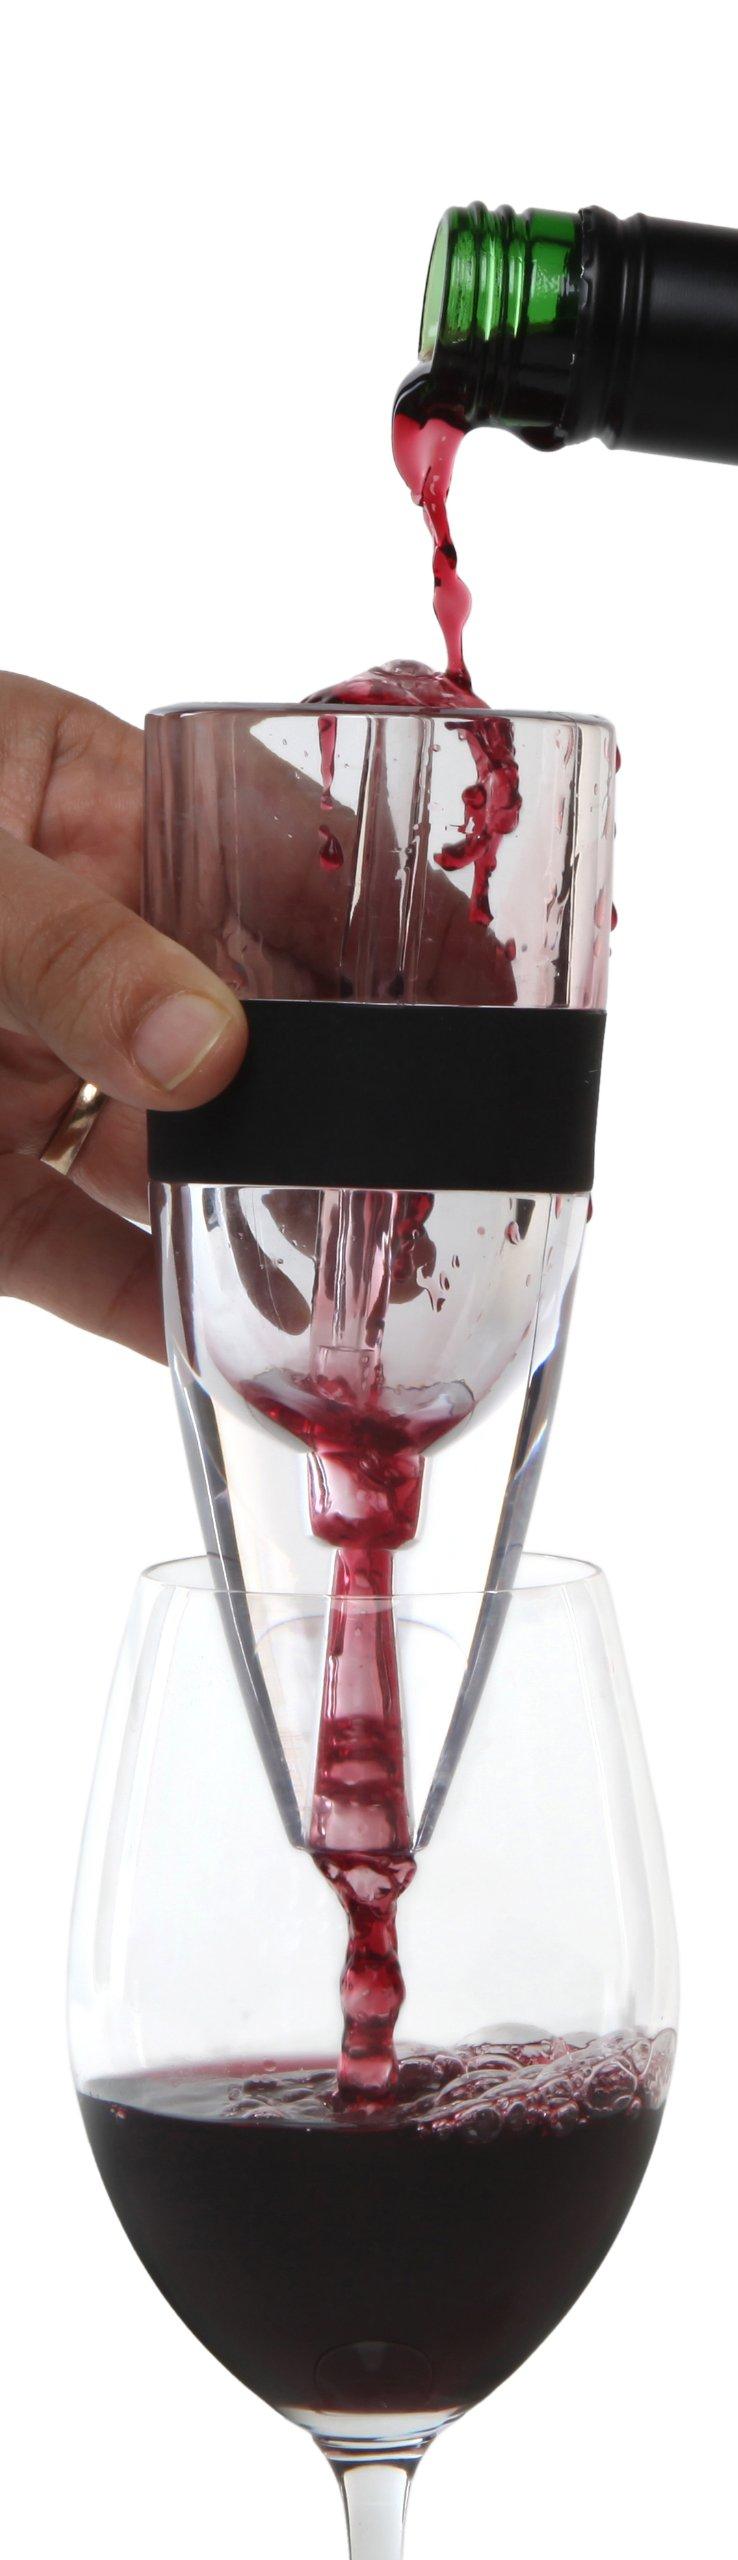 Melange 12-Pack Deluxe Fountain Wine Aerator